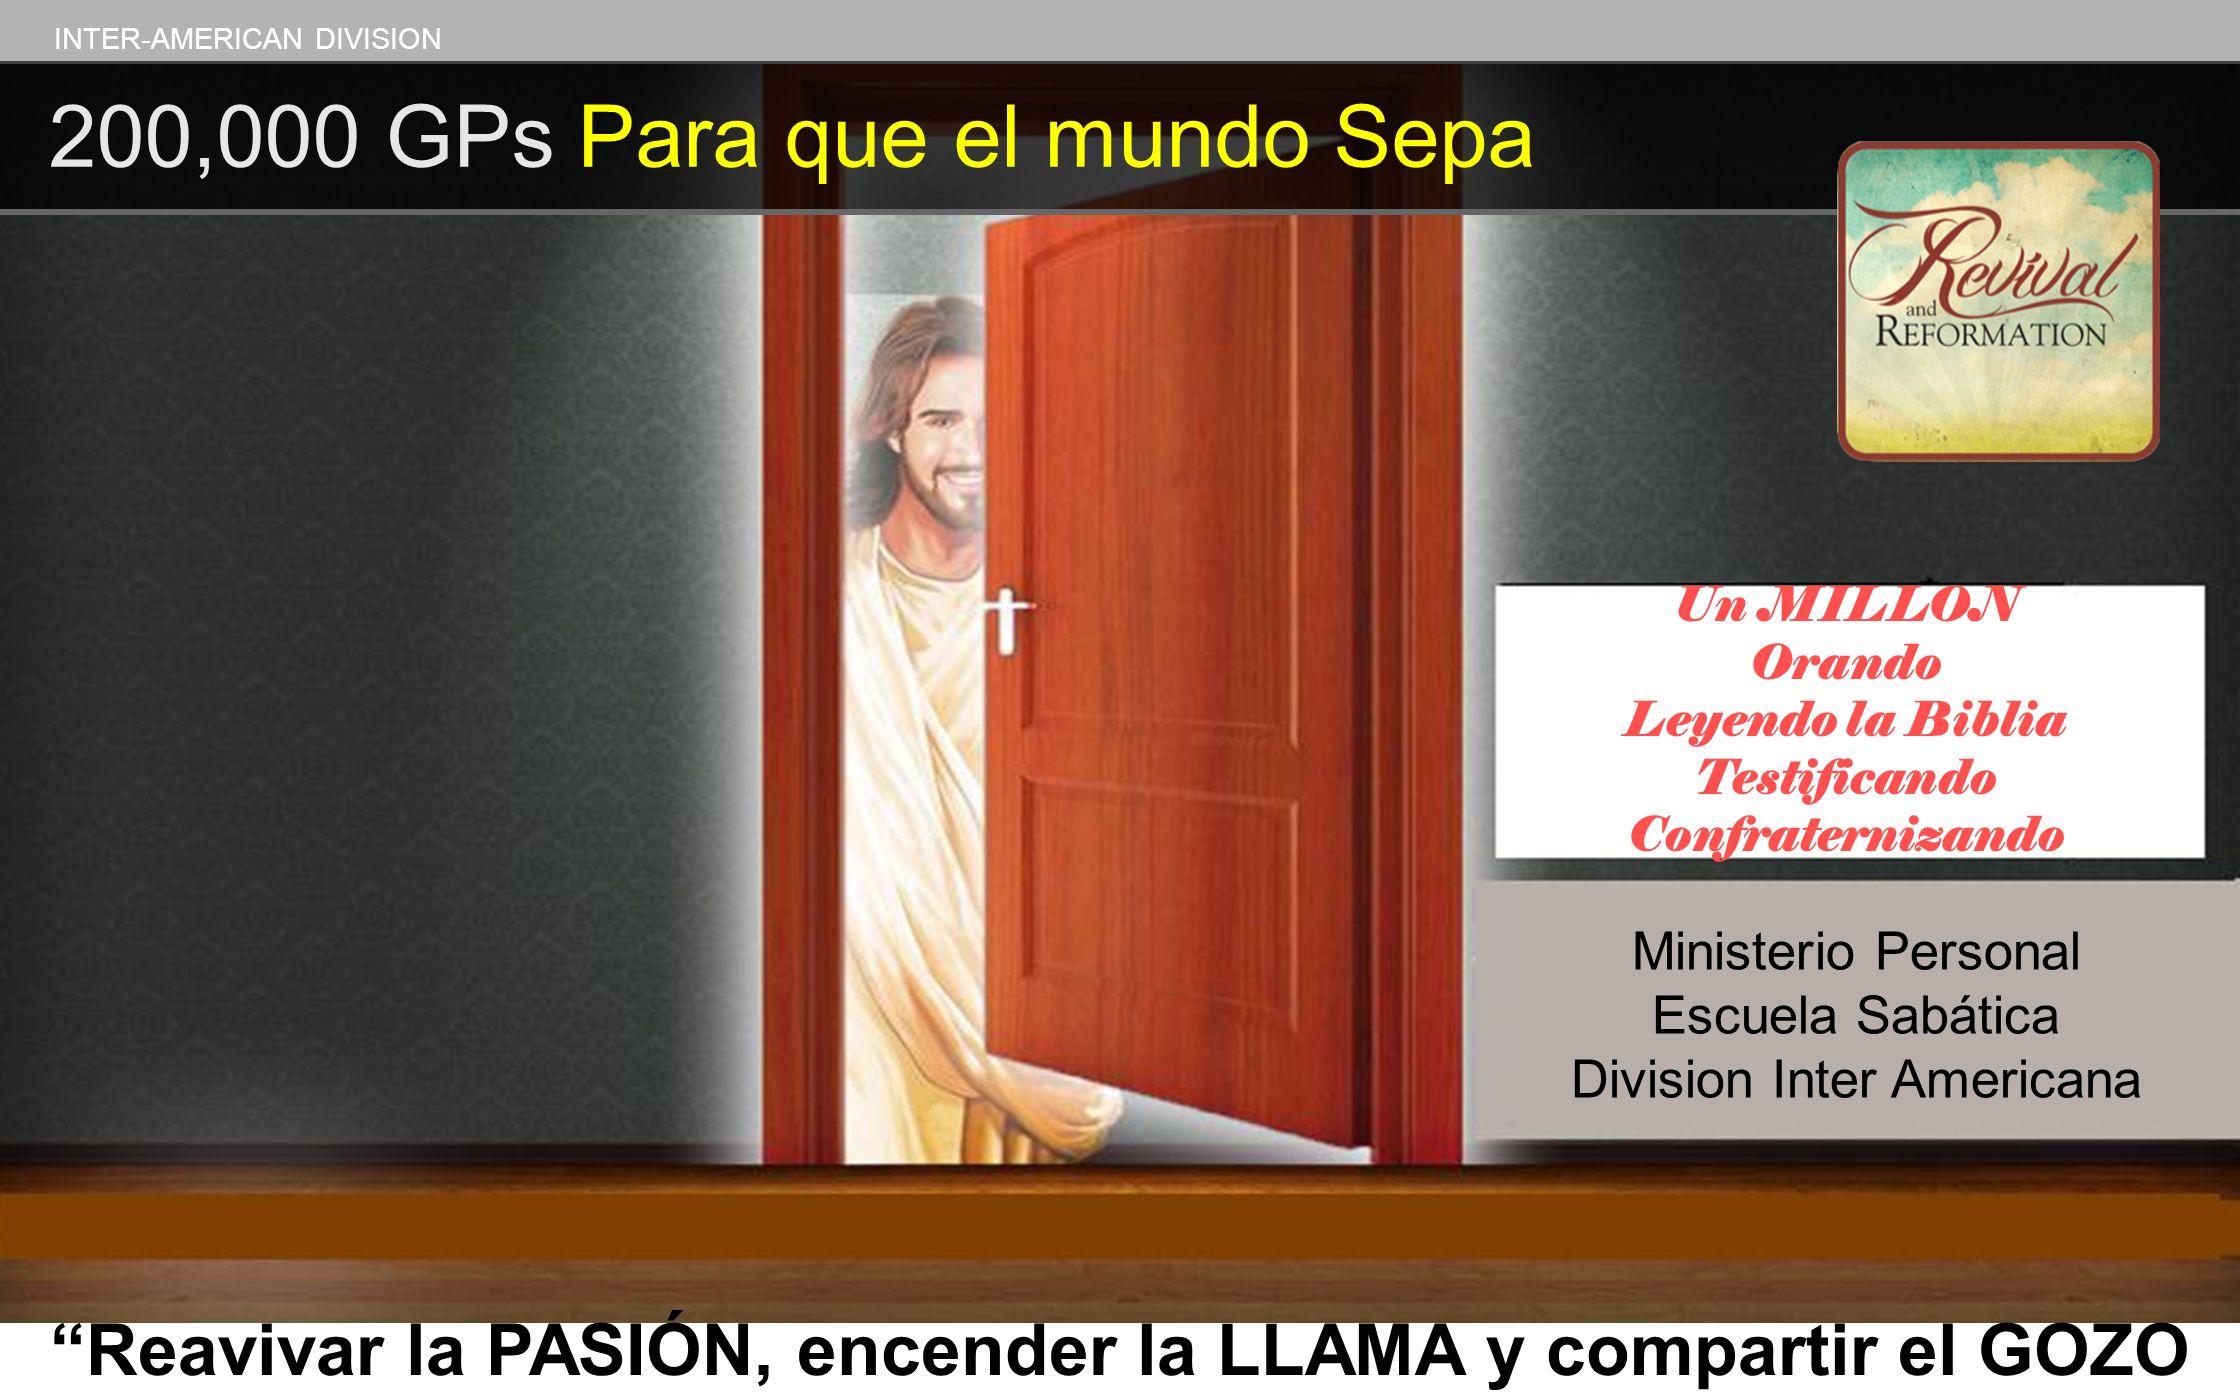 INTER-AMERICAN DIVISION 200,000 GPs Para que el mundo Sepa Reavivar la PASIÓN, encender la LLAMA y compartir el GOZO Un MILLON Orando Leyendo la Bibli